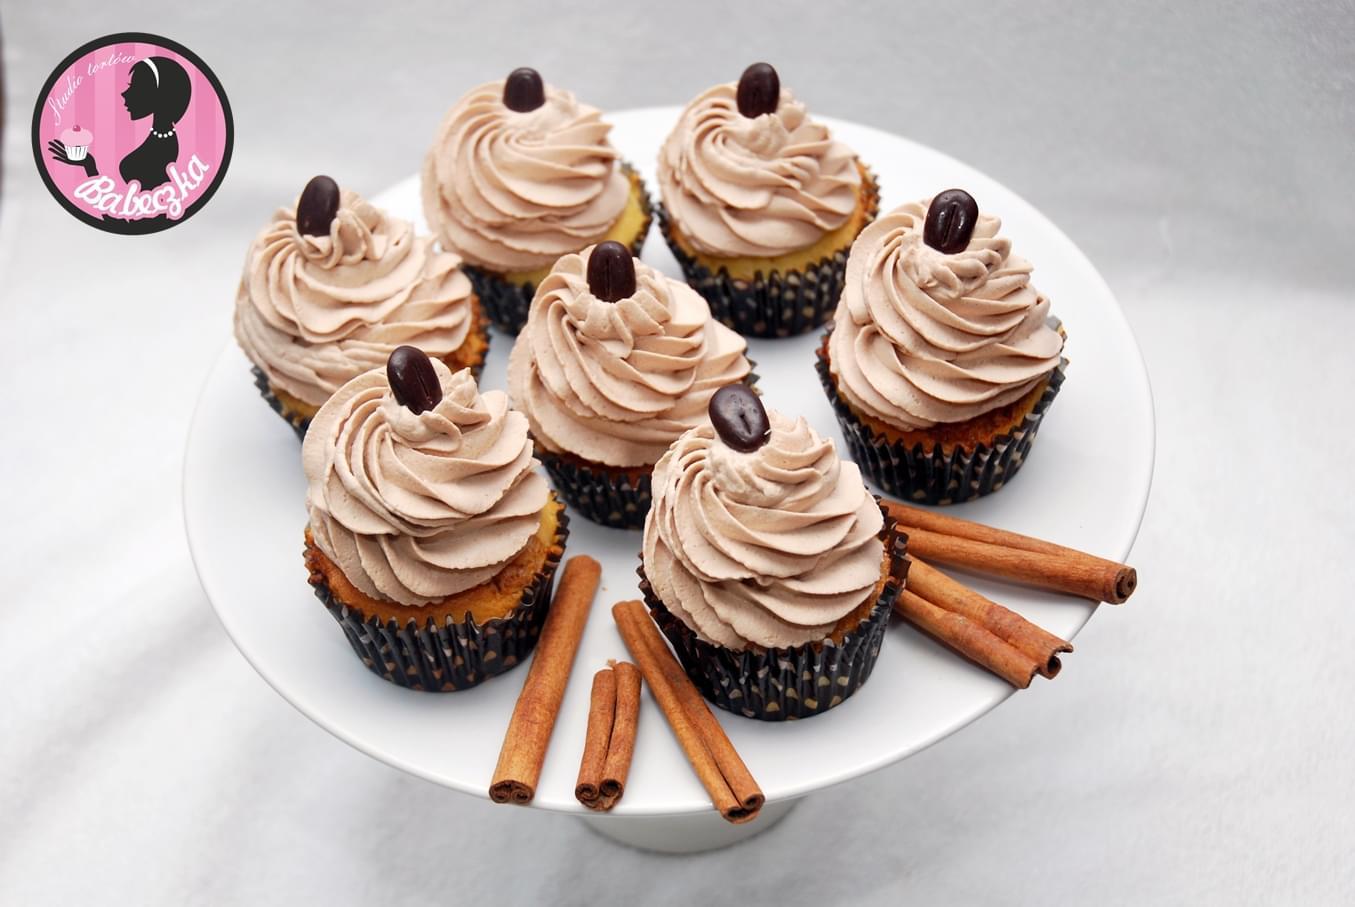 muffinki babeczki cupckakesy wesele ślub podziękowania dla gości słodki stół winietki bufet